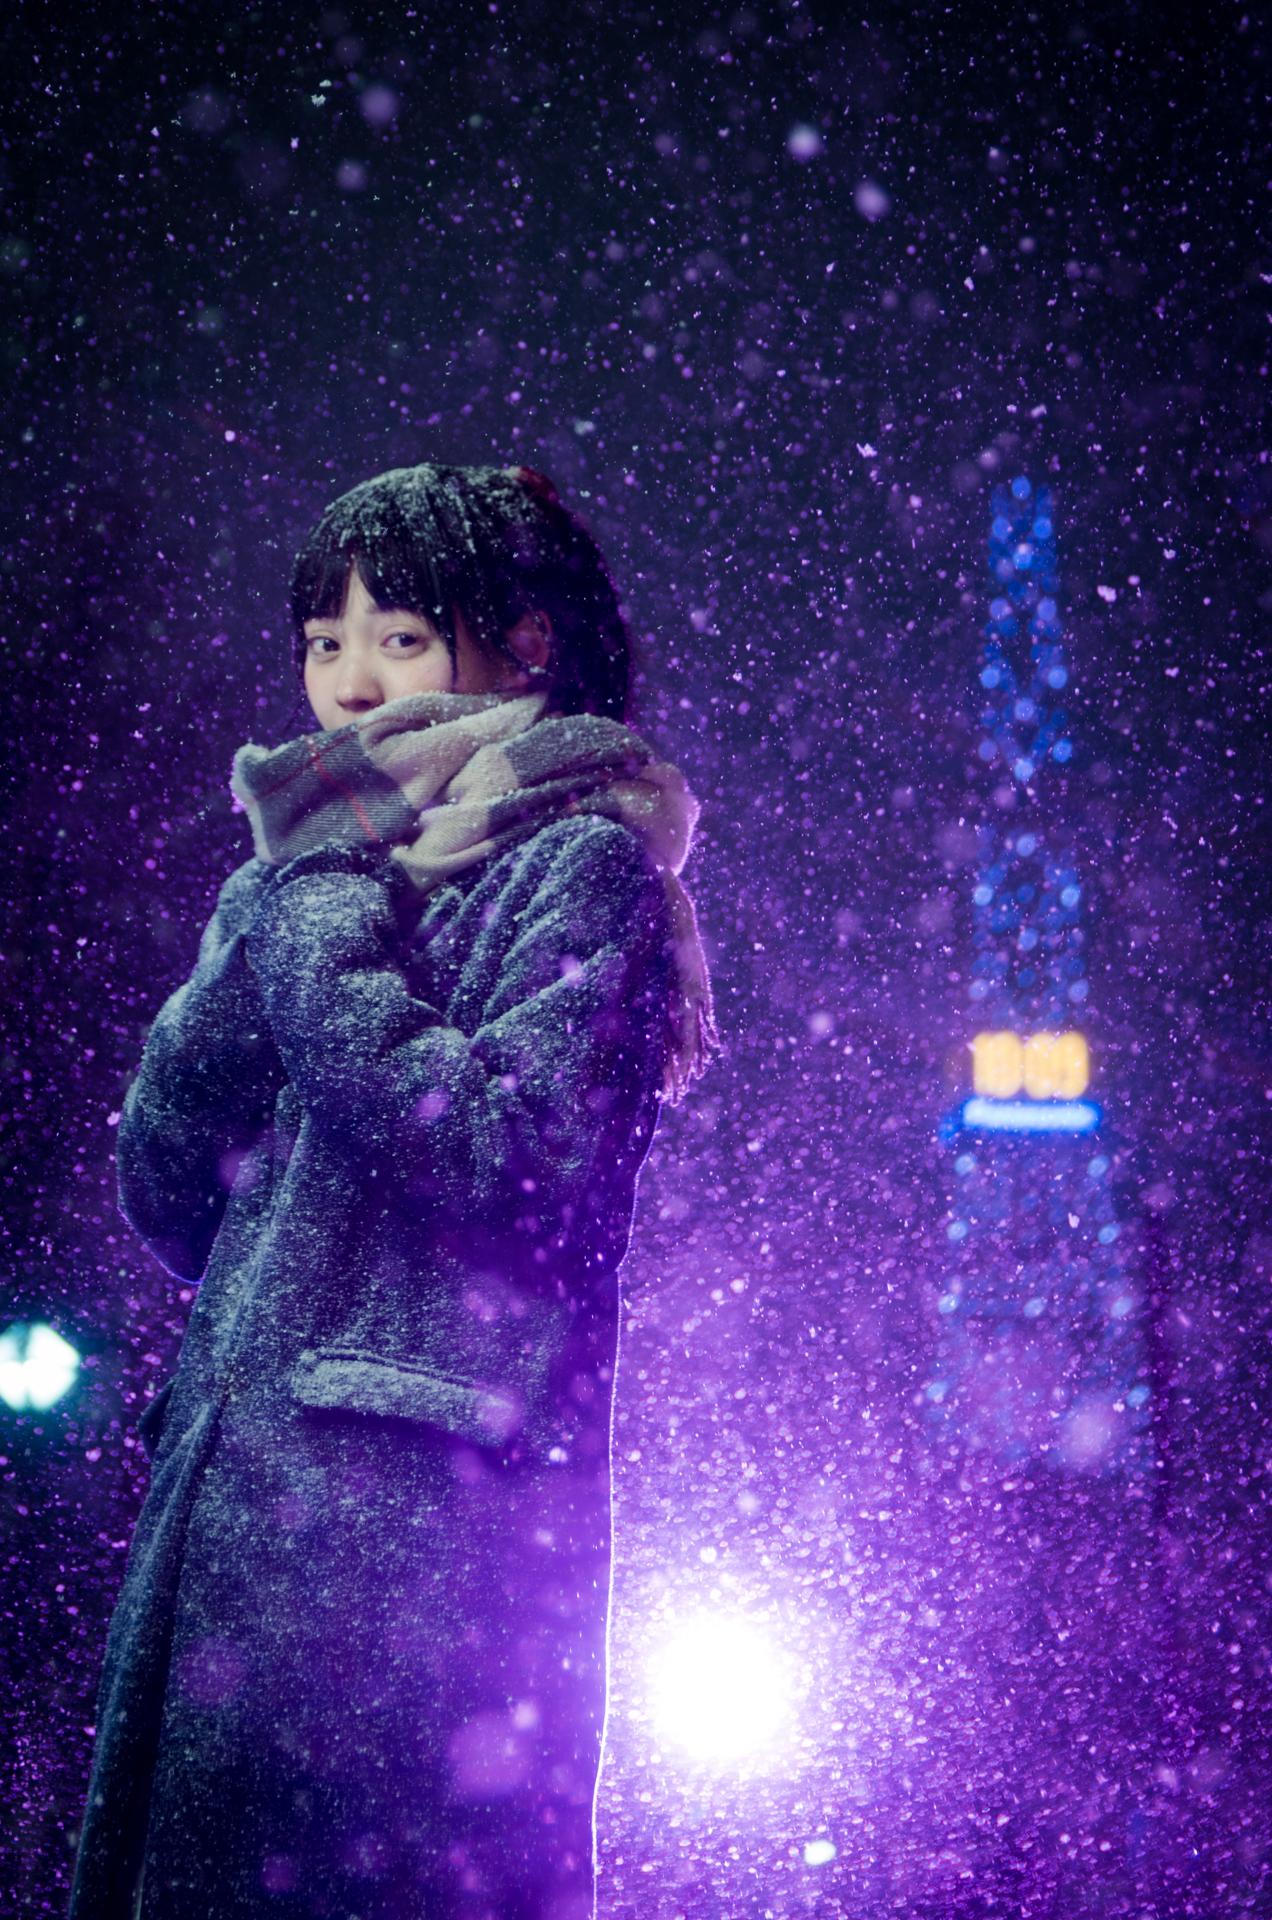 2代目HAPPY少女♪ ゆいな ( 宮崎ゆいな ) | 大通公園イルミネーション撮影会